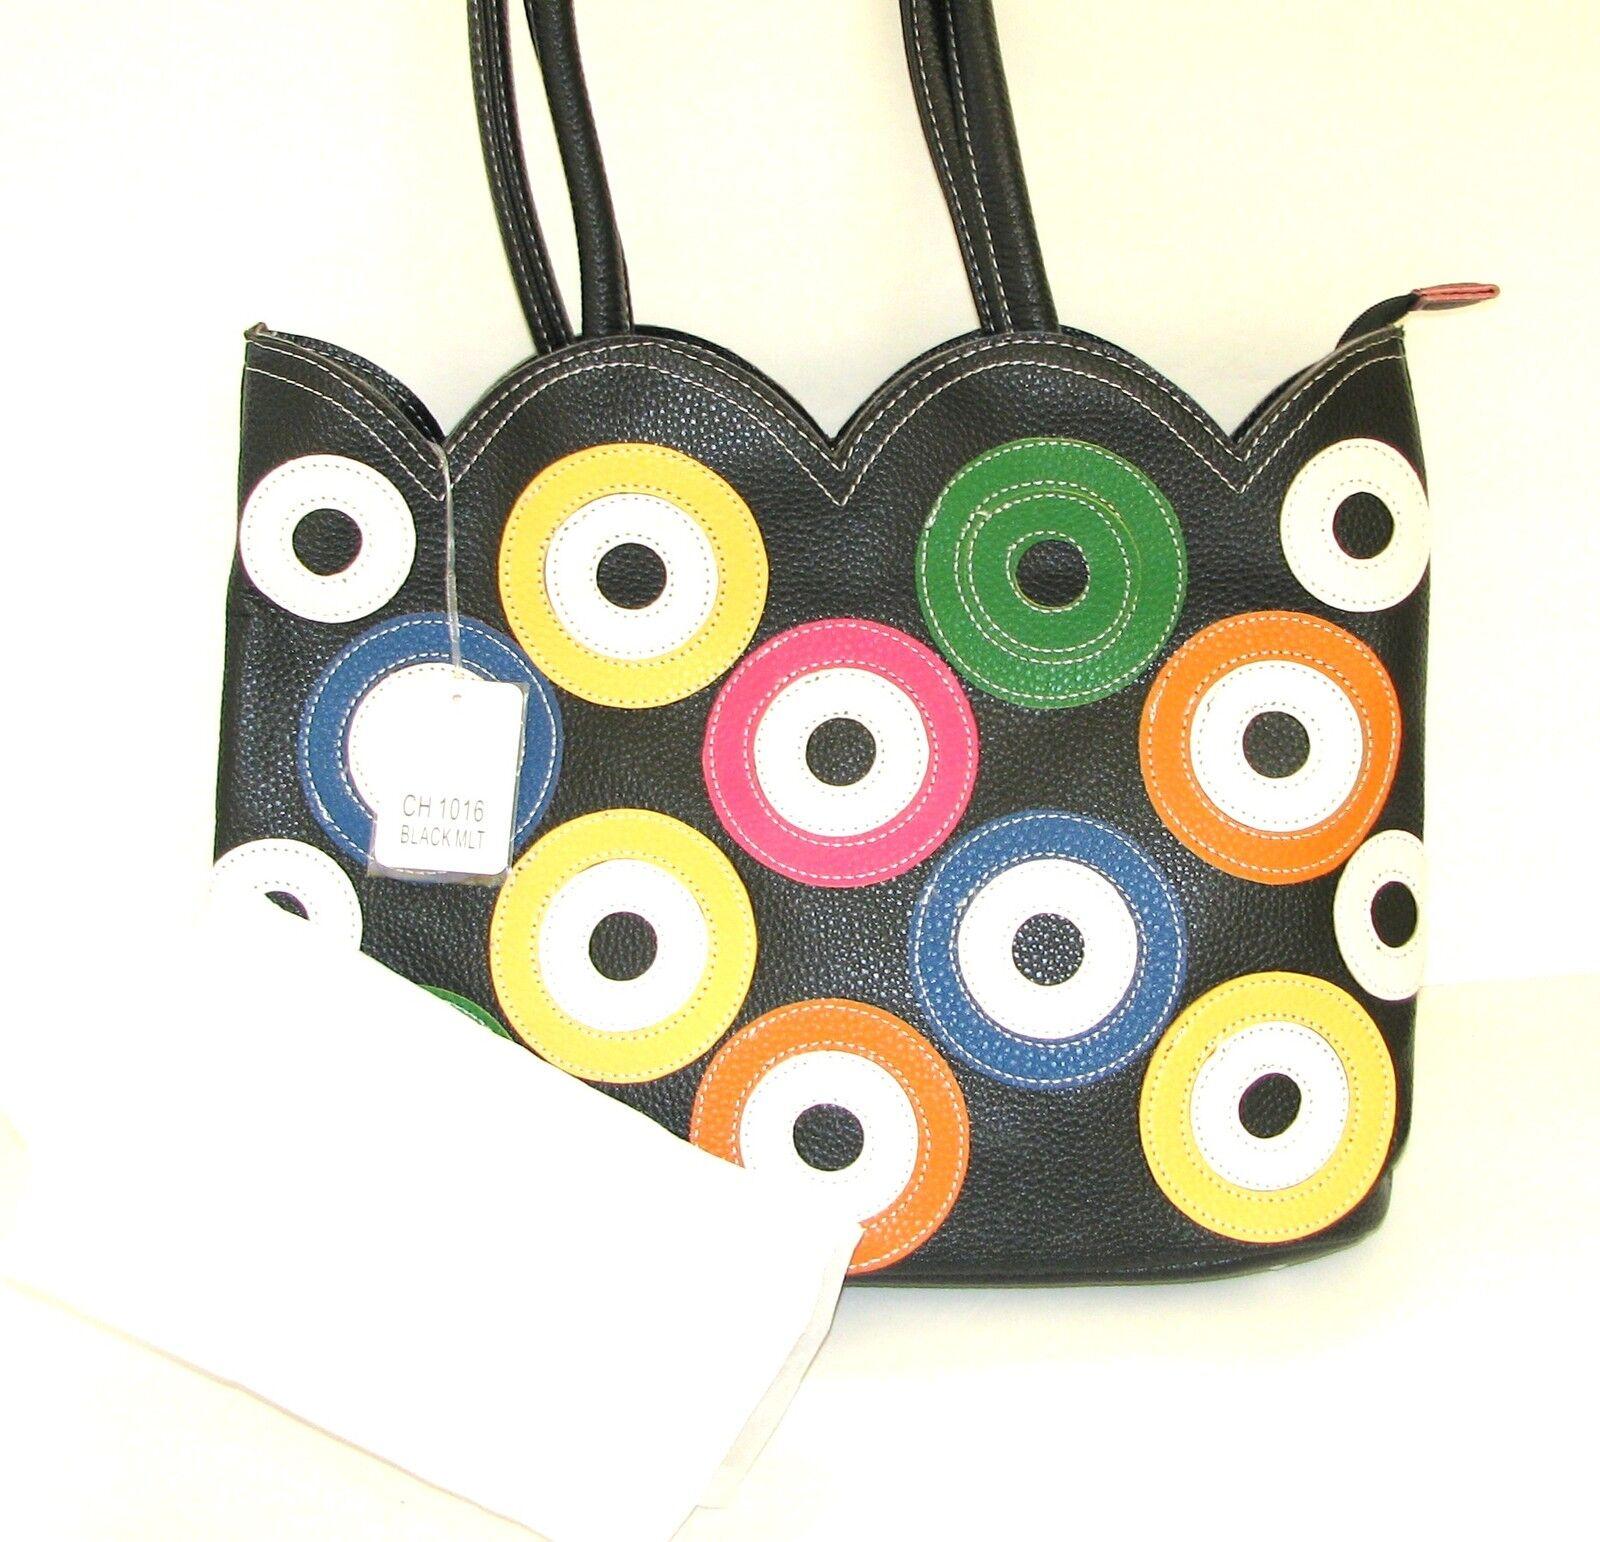 Neu Kmq Collection Schwarze Leder Leder Leder Stiefeletten  Mehrfarbig Kreise Portemonnaie, | Verschiedene Stile  | Sonderaktionen zum Jahresende  | Fierce Kaufen  5bd174